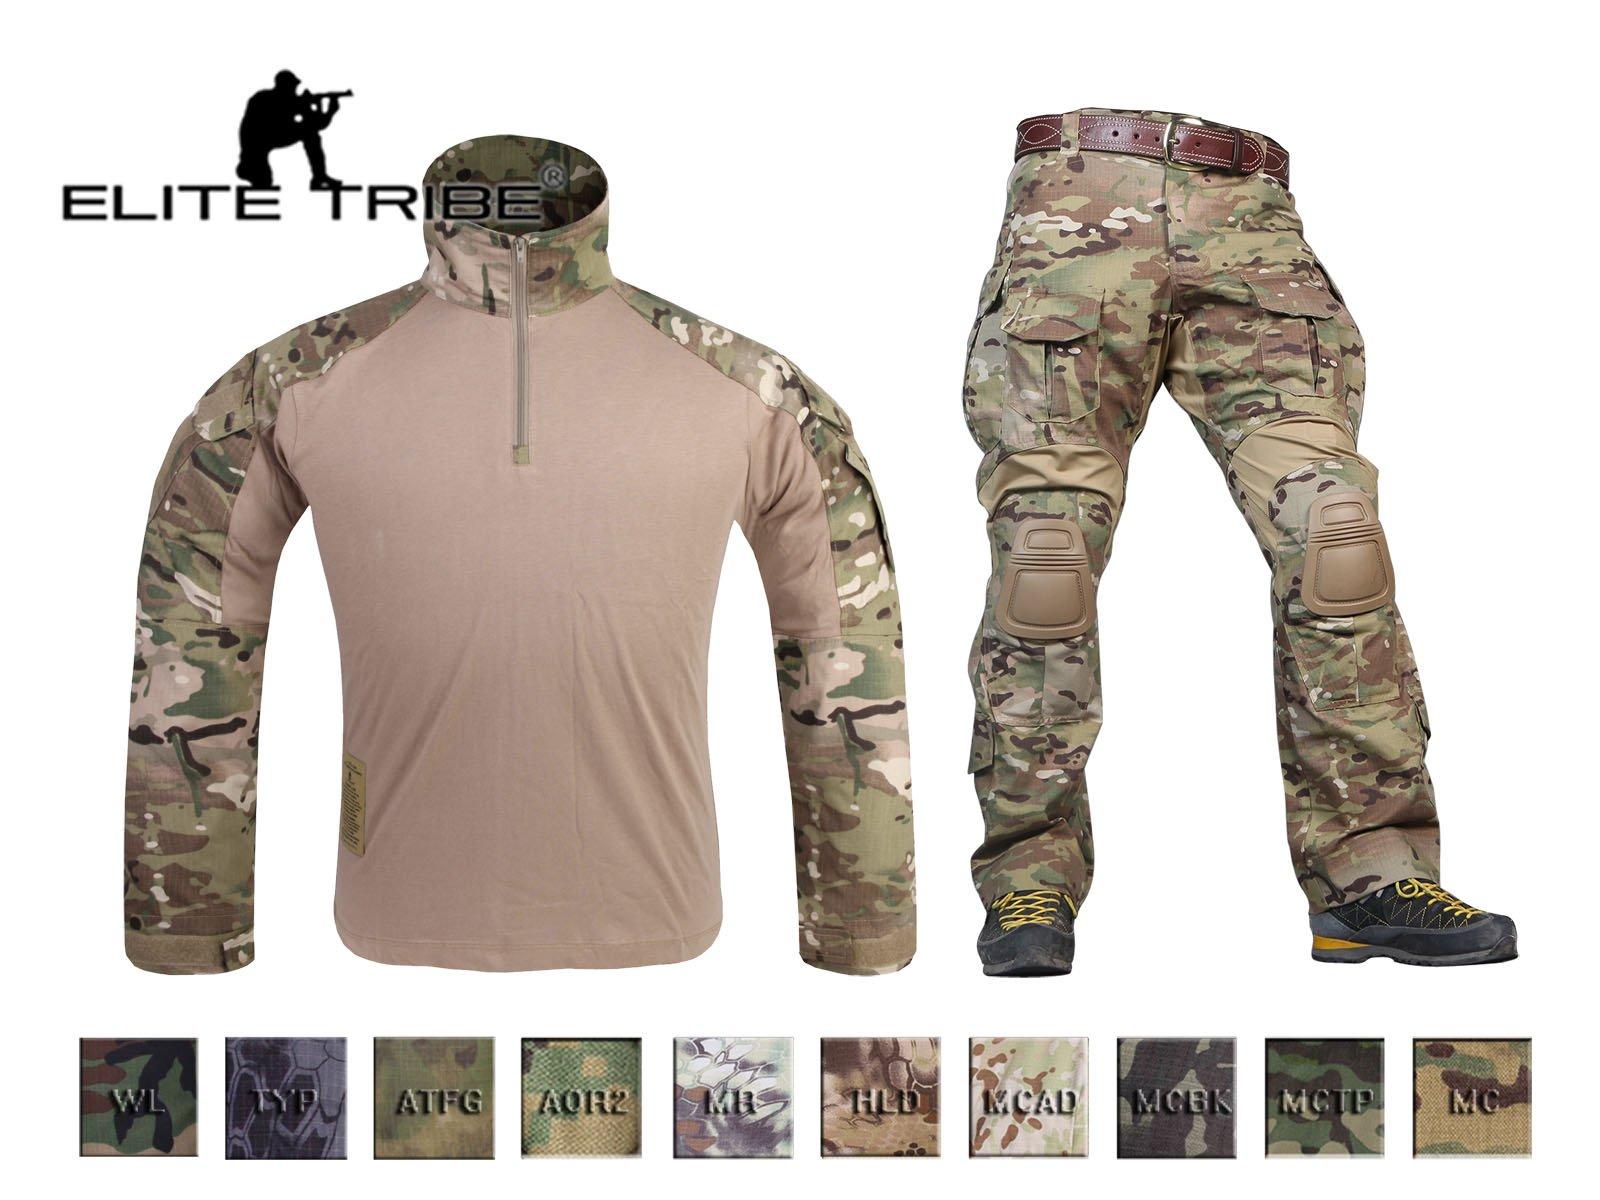 Elite Tribe Airsoft Military BDU - Pantalones de Uniforme para Camisa de Combate Gen3, XL, Multicam Tropic: Amazon.es: Deportes y aire libre